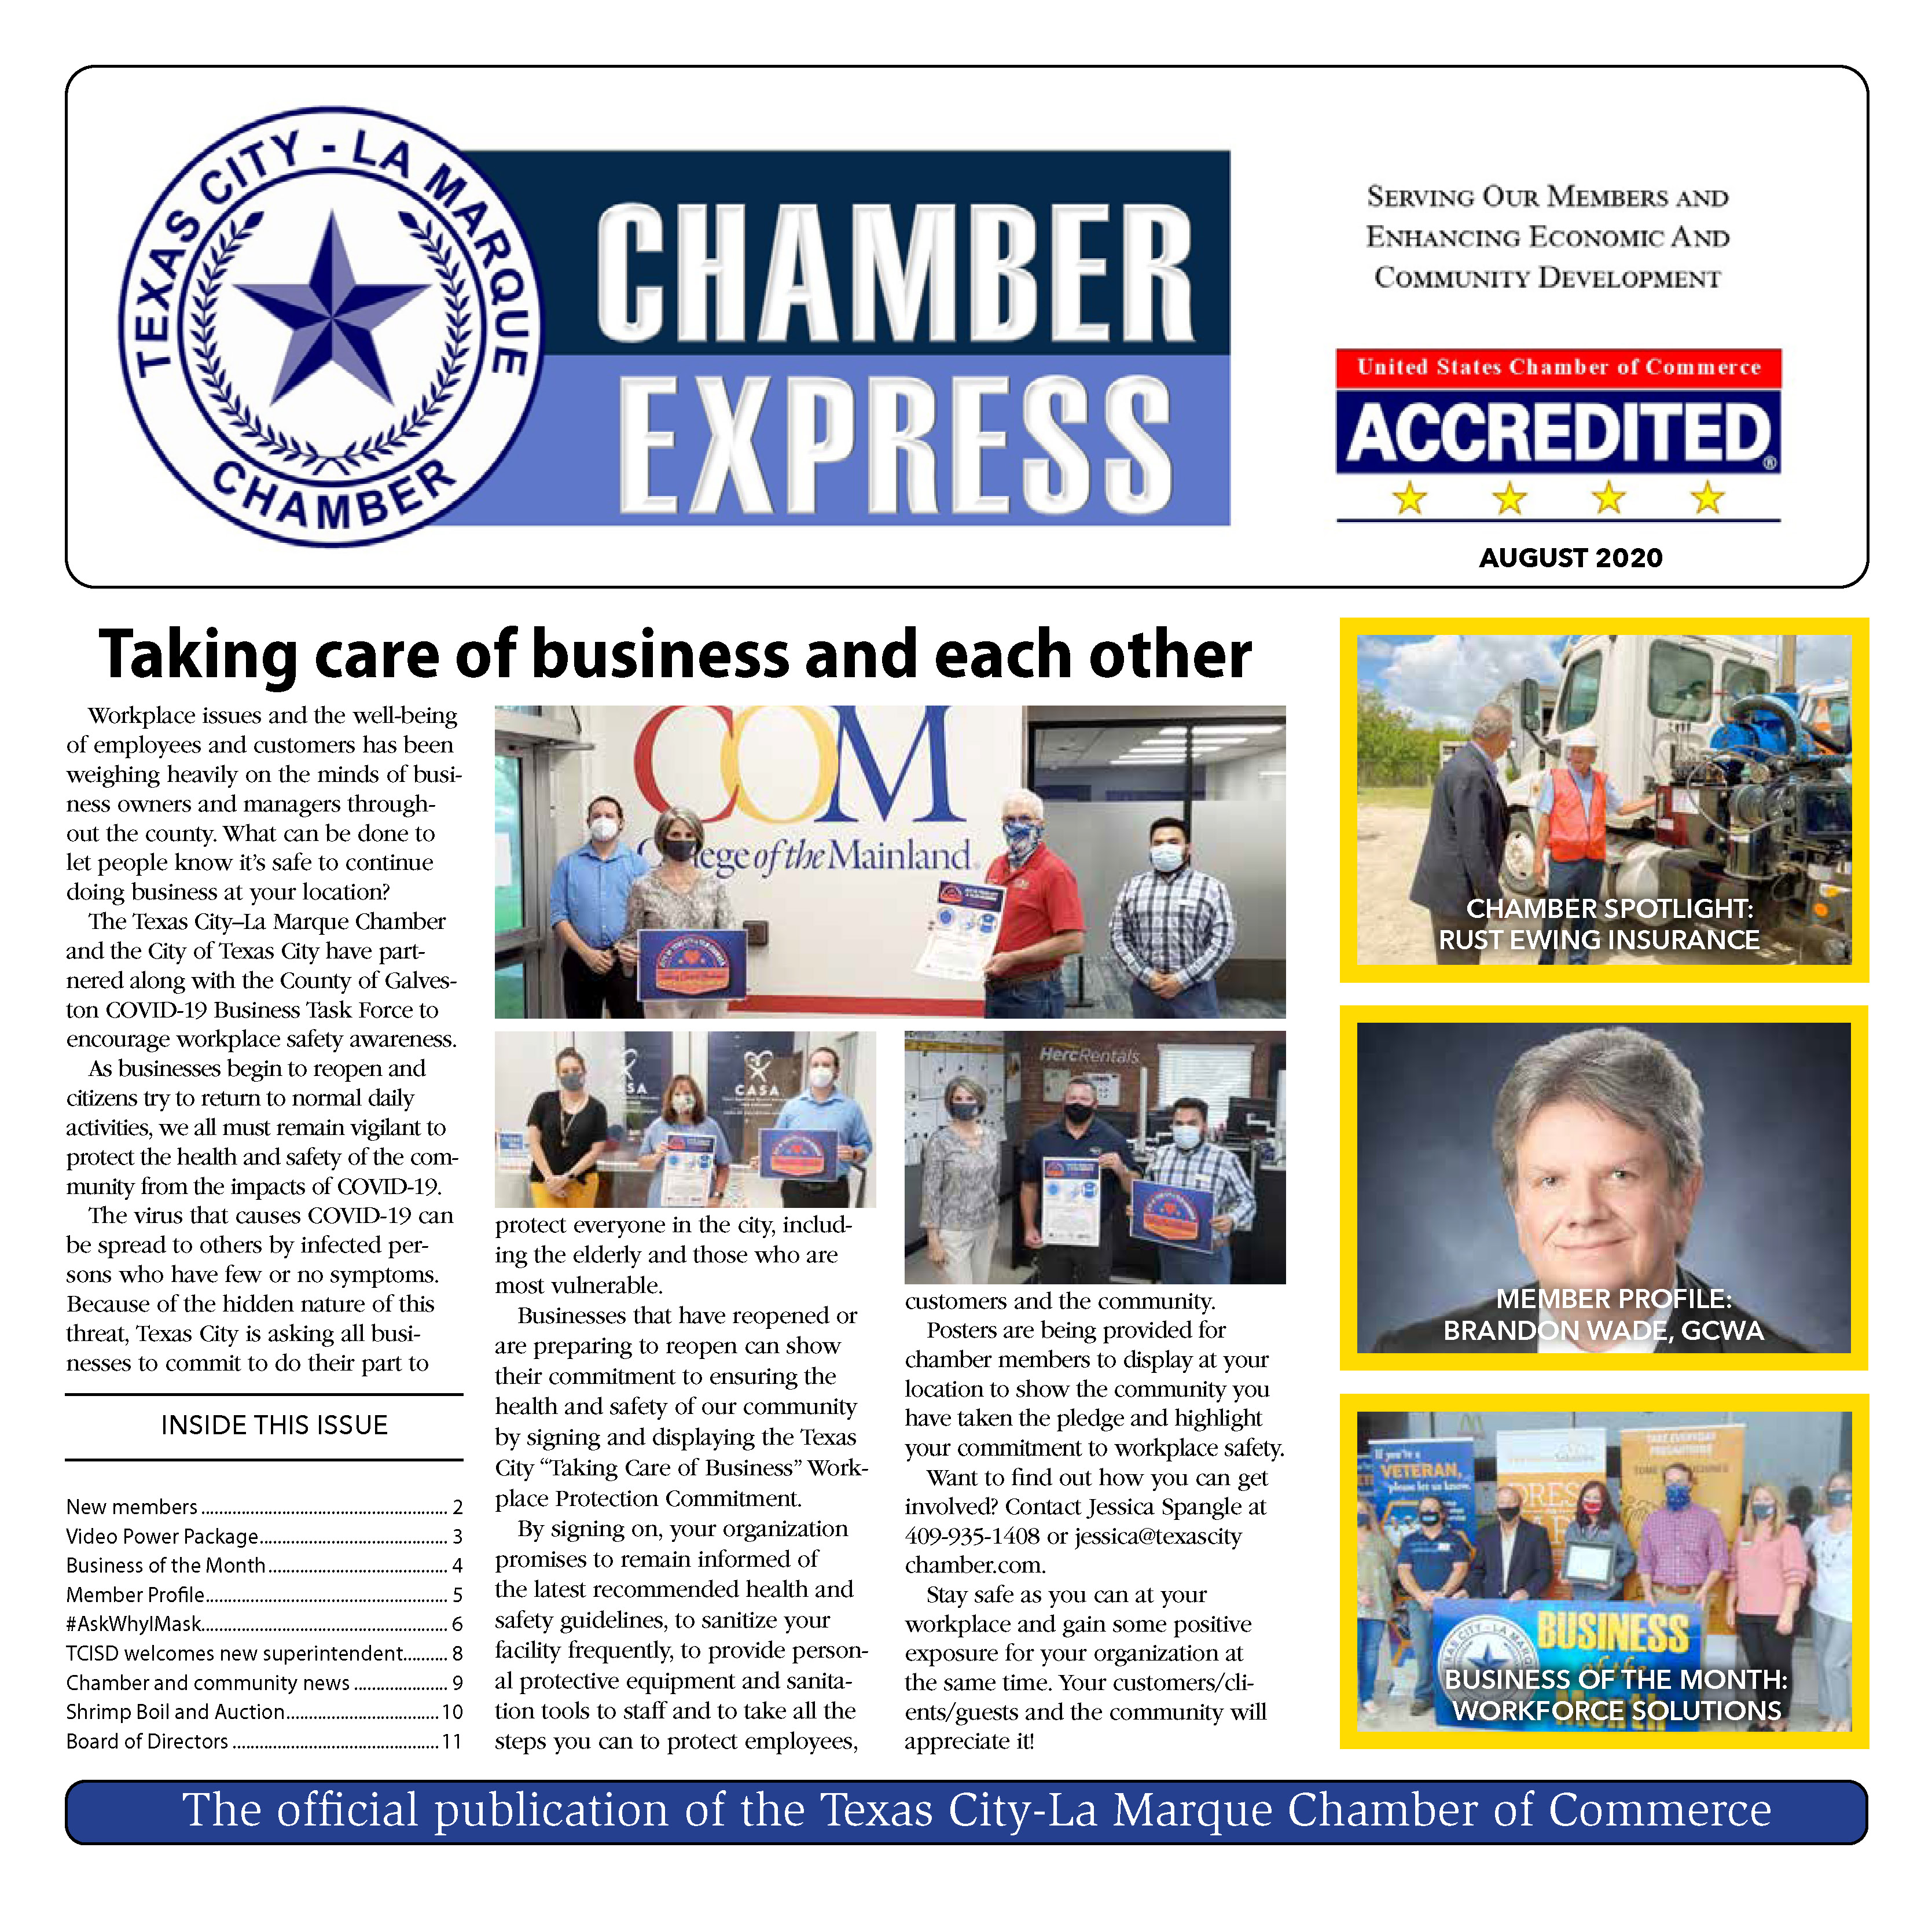 TCLMChamberExpress_Aug2020_FINAL_Page_01